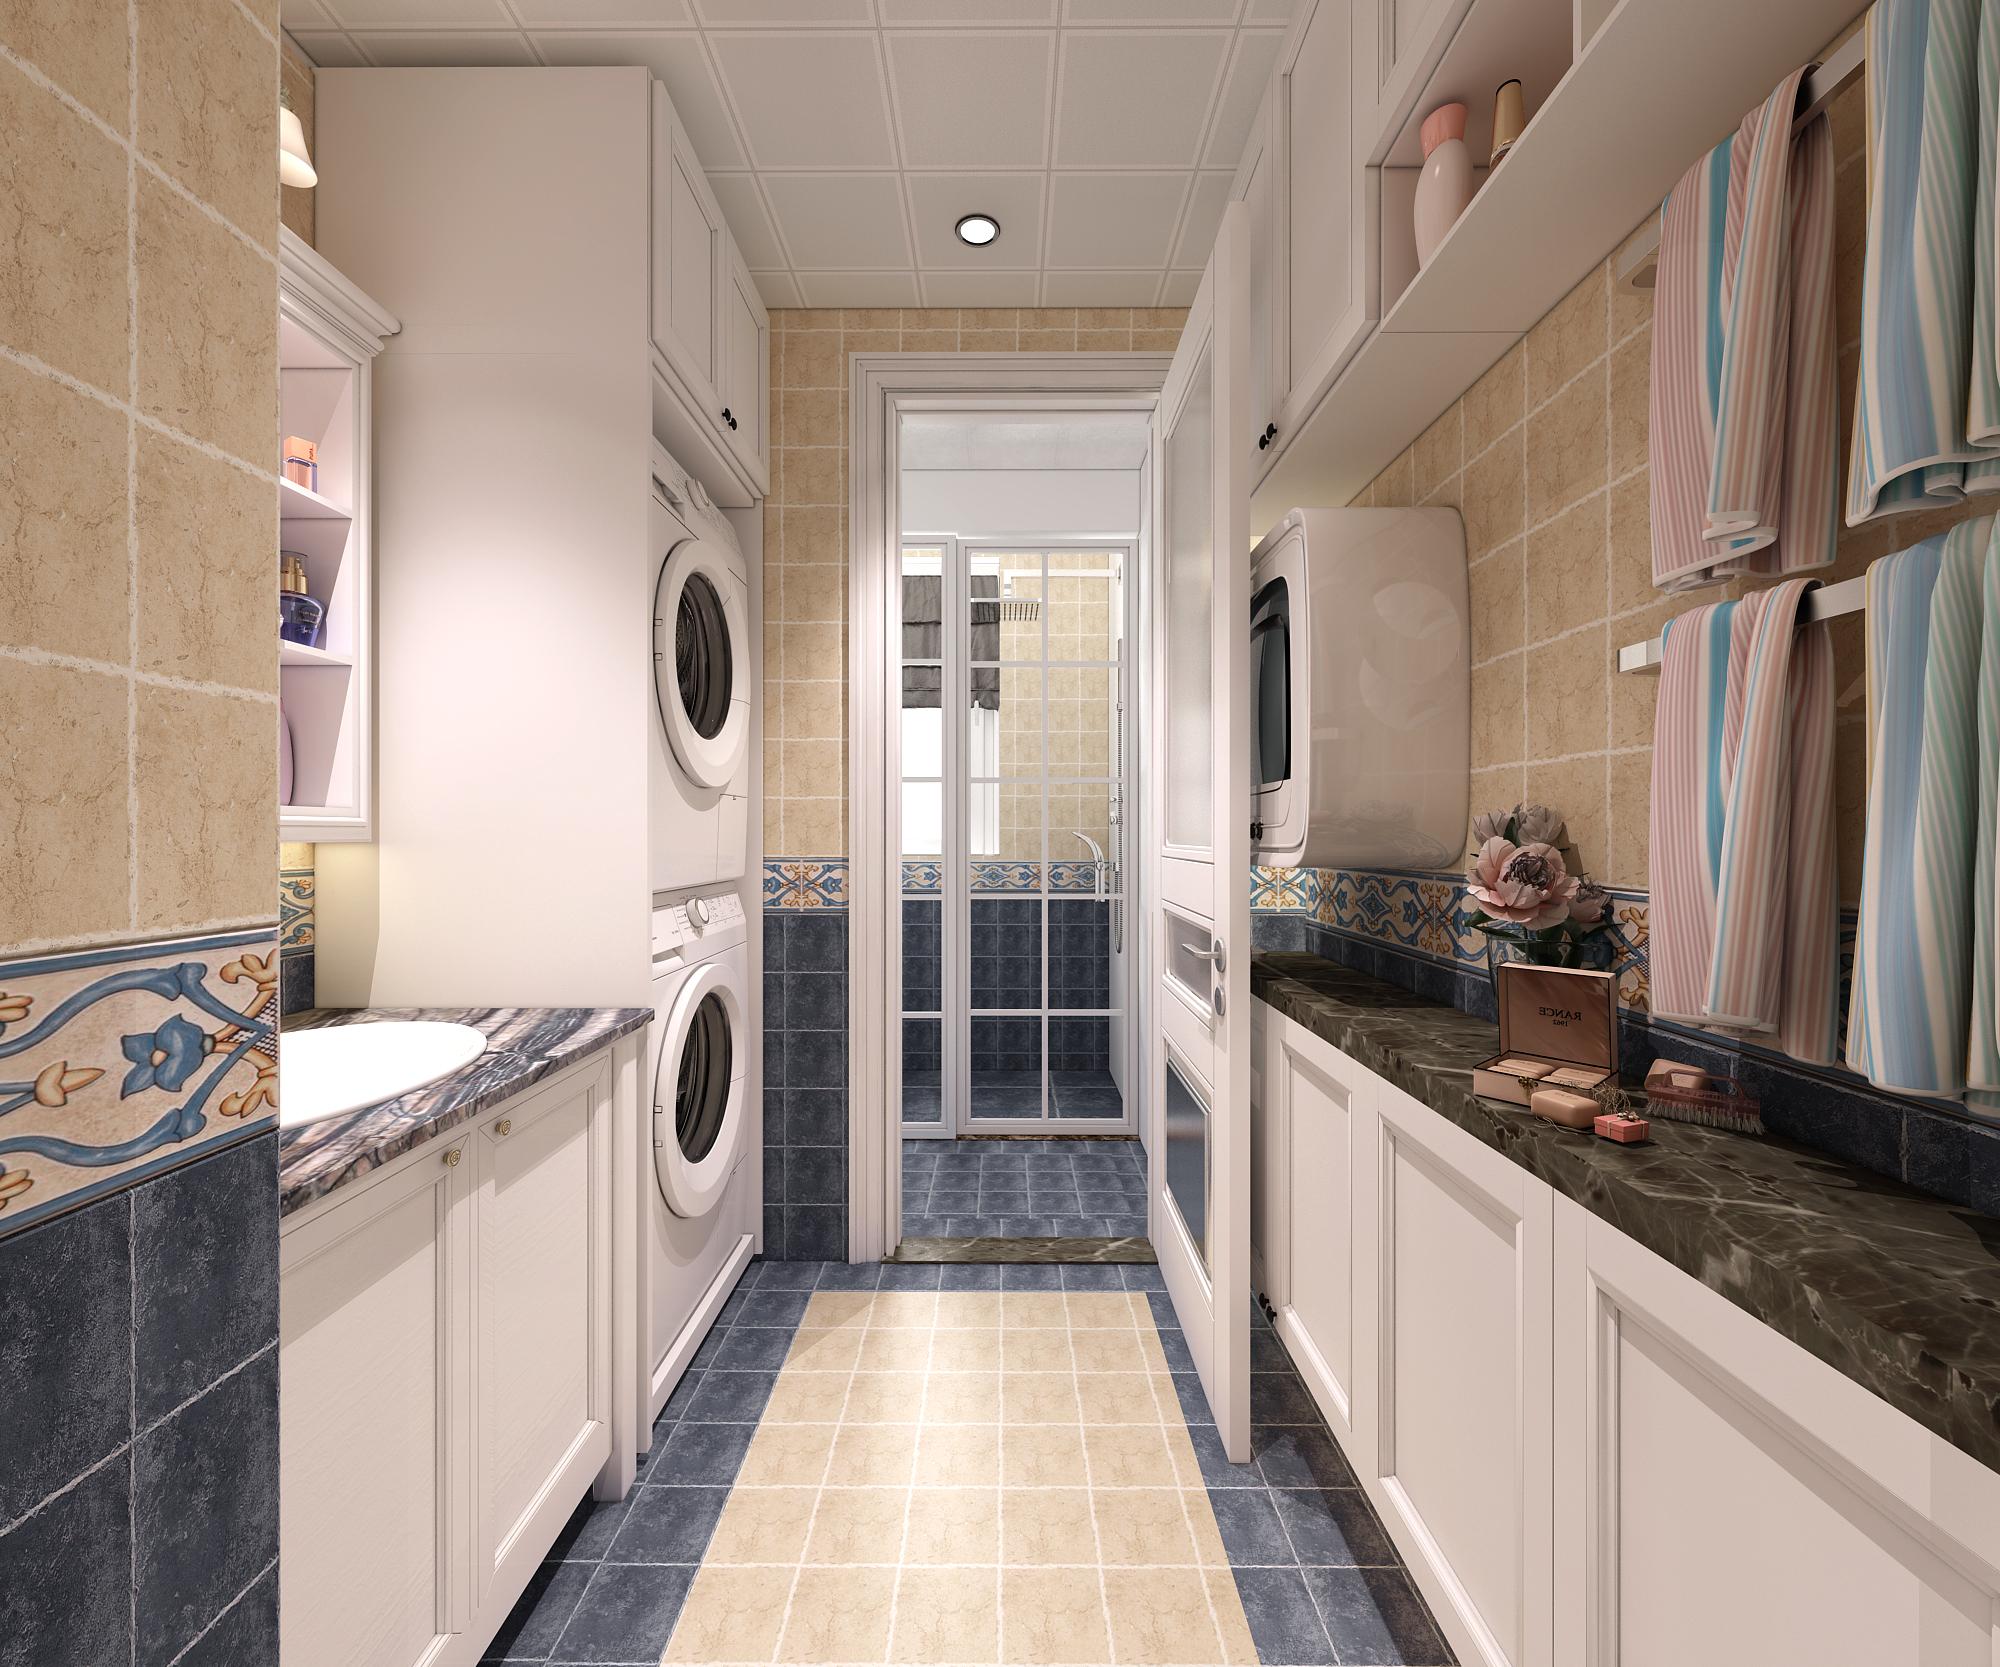 简约美式风格装修卫生间设计图